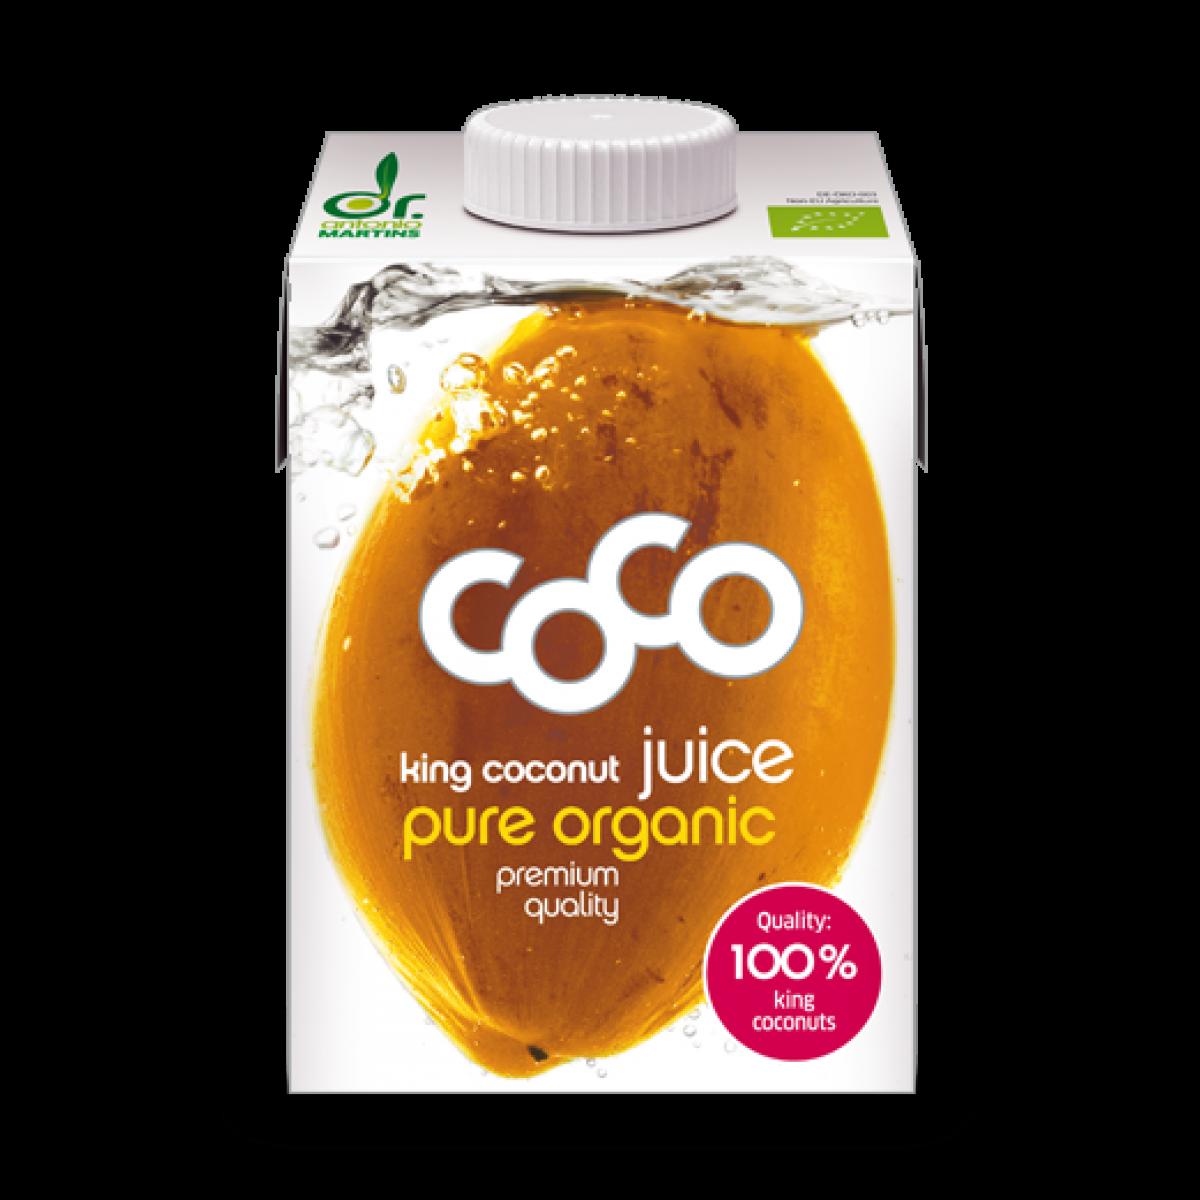 Coco Juice King Coconut